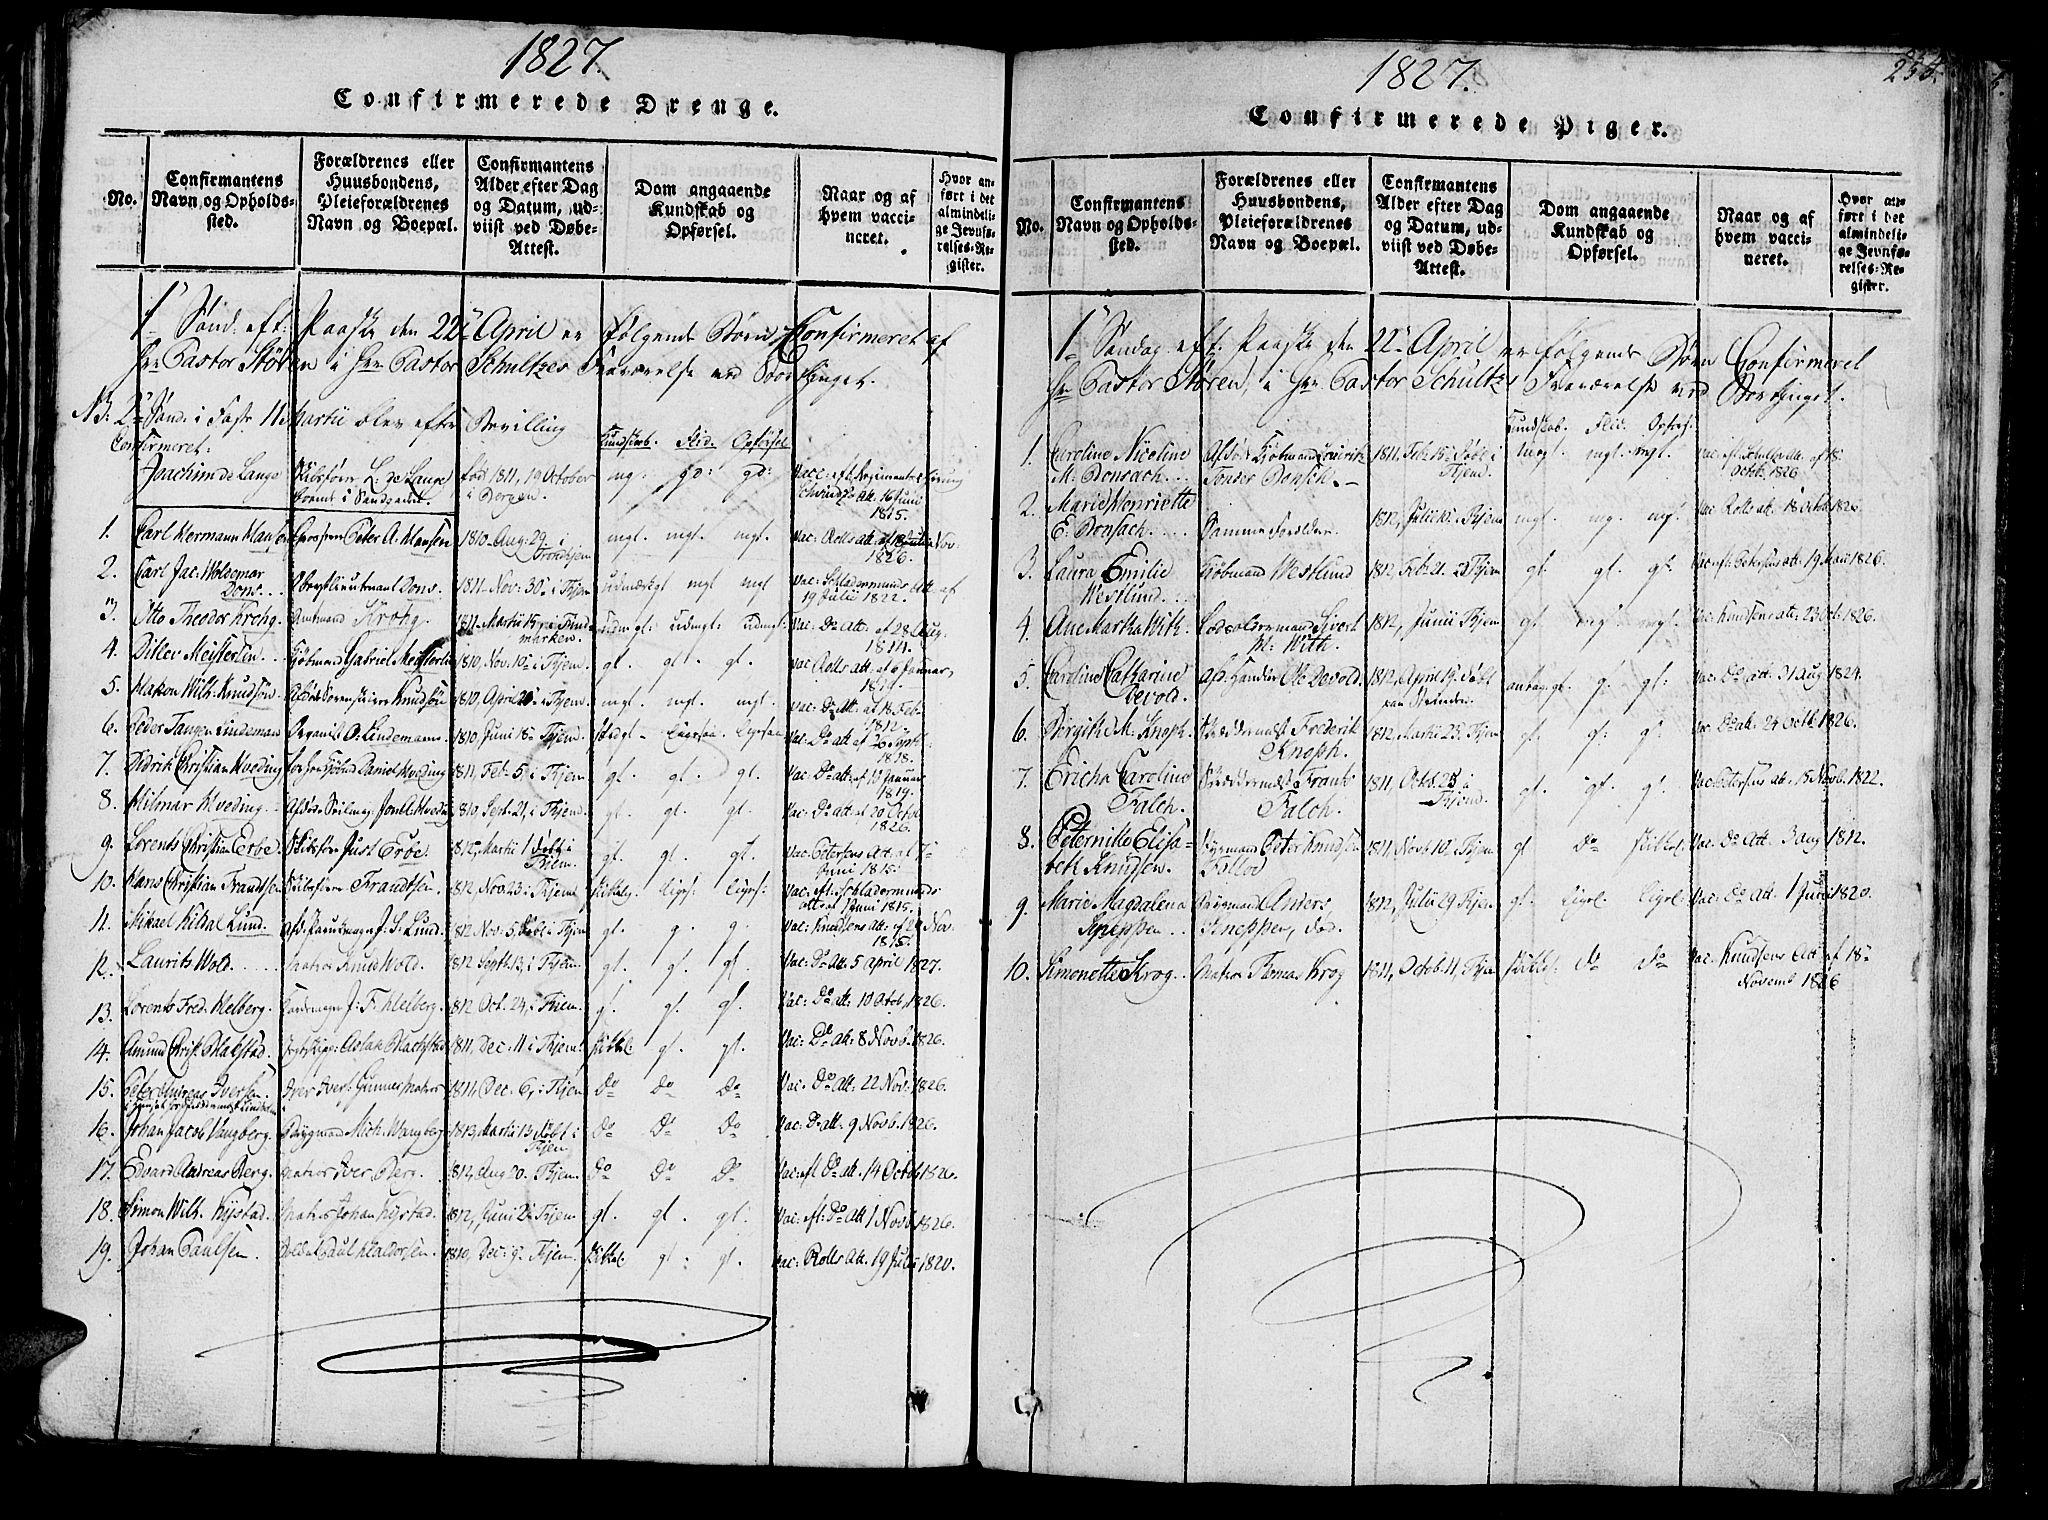 SAT, Ministerialprotokoller, klokkerbøker og fødselsregistre - Sør-Trøndelag, 602/L0135: Klokkerbok nr. 602C03, 1815-1832, s. 253